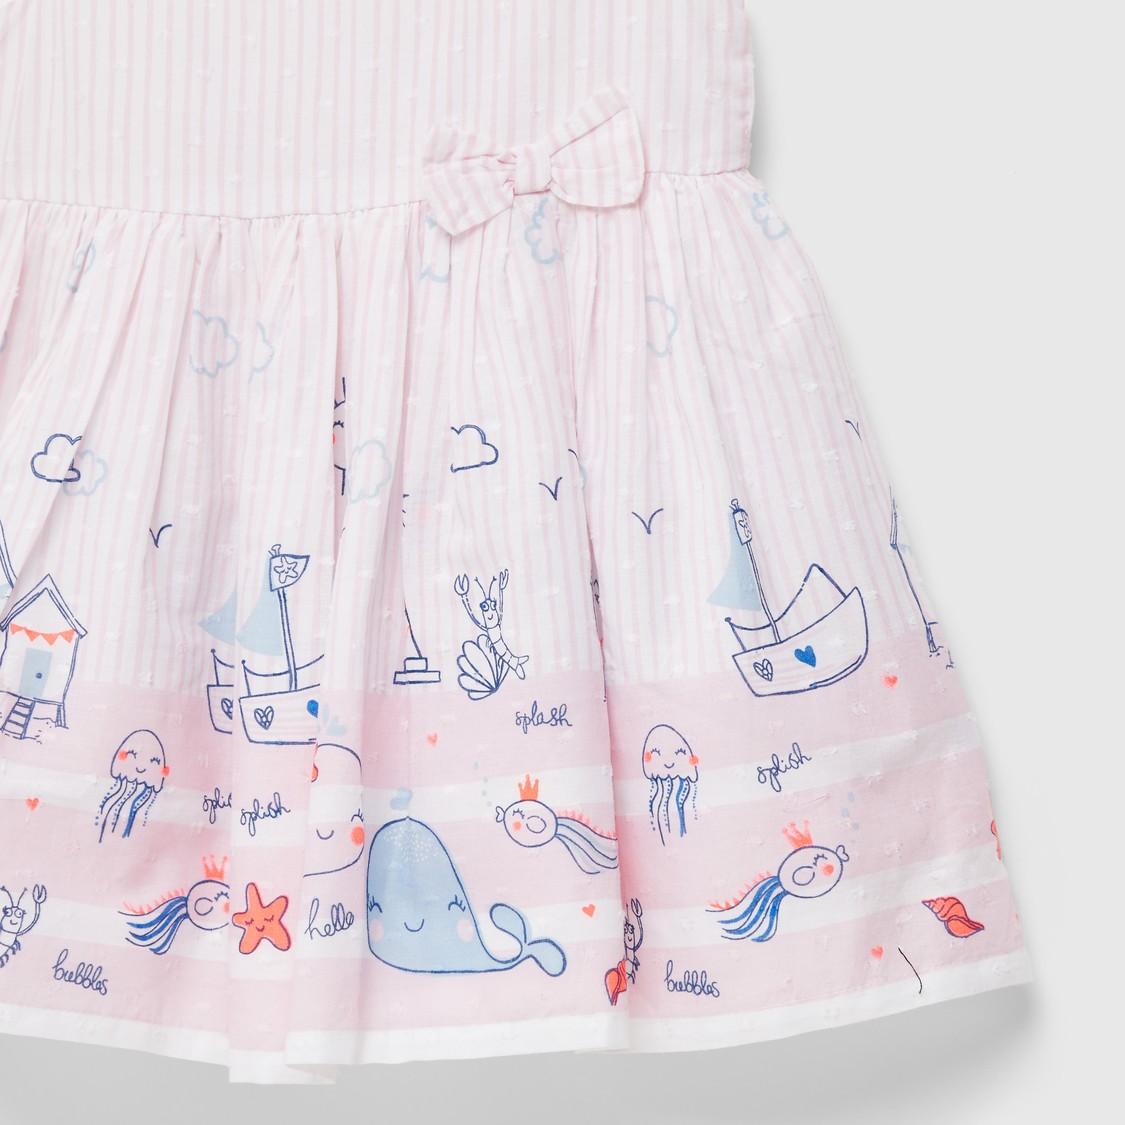 فستان بأكمام كاب وأزرار إغلاق بطبعات